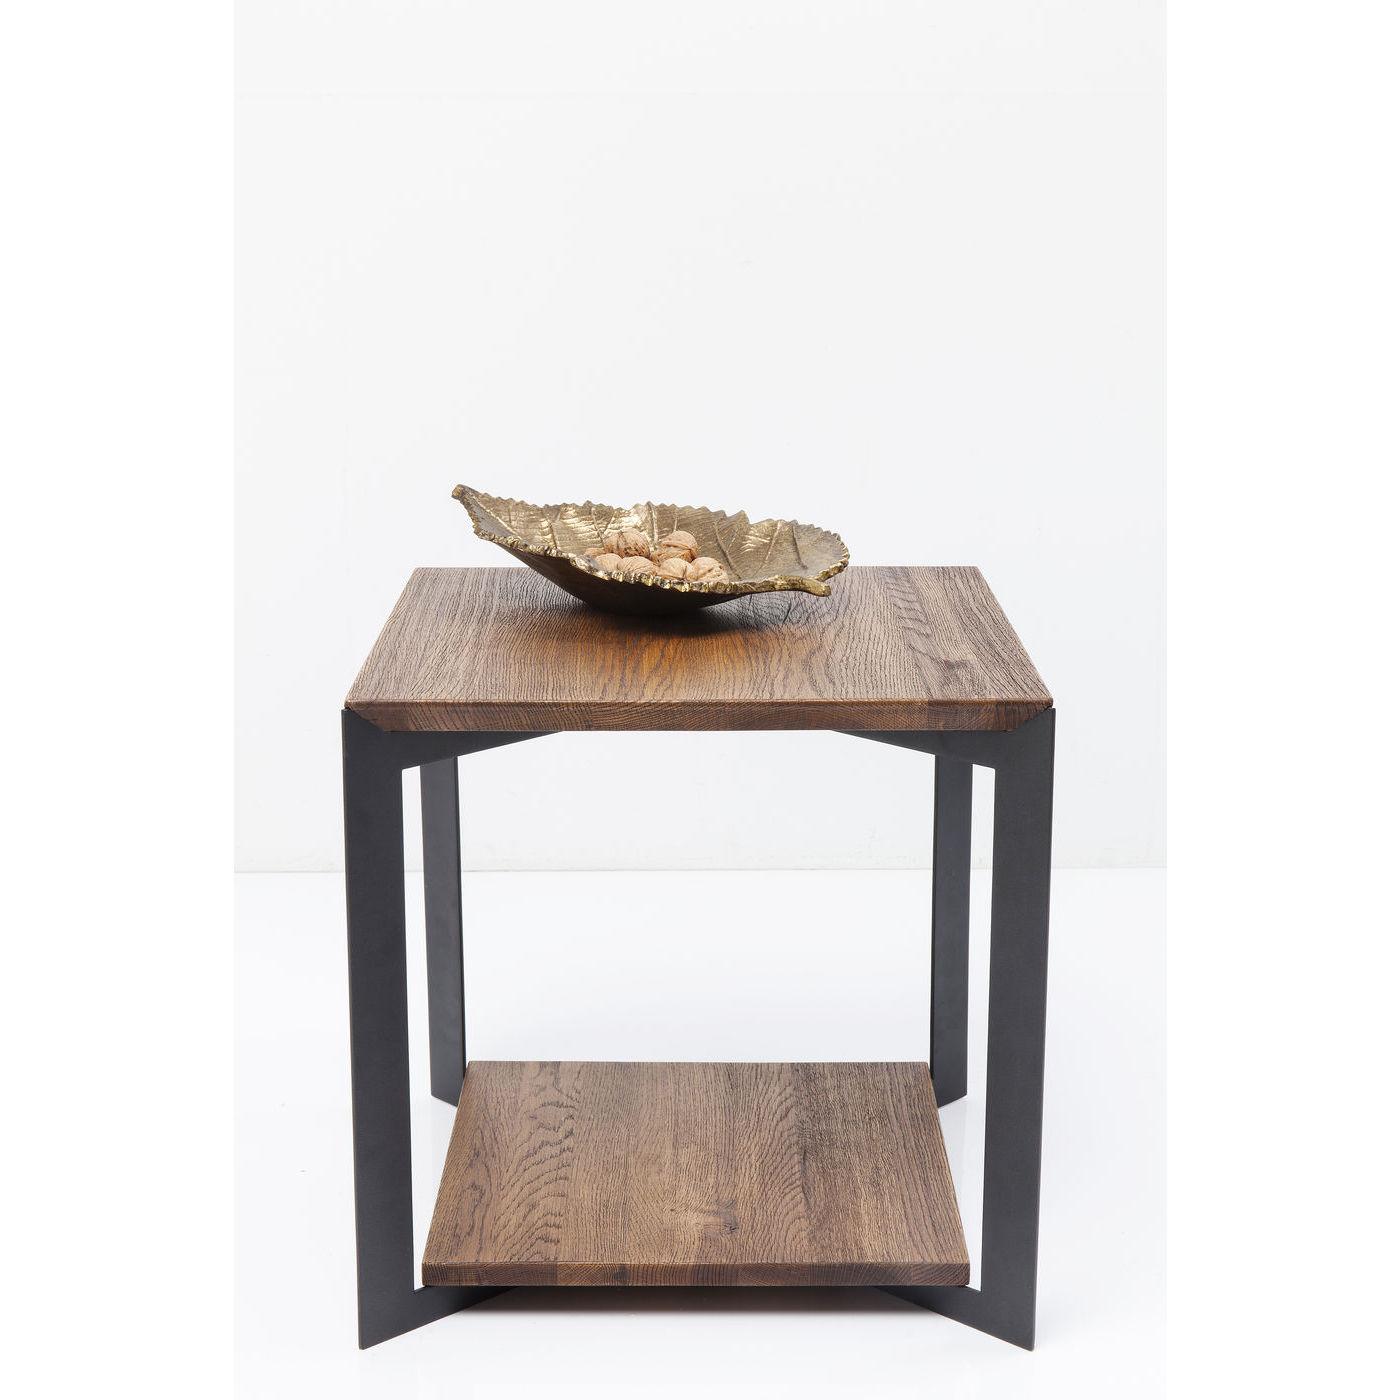 kare design Kare design phoenix sidebord - natur eg og stål, m. 1 hylde, kvadratisk (50x50) fra boboonline.dk